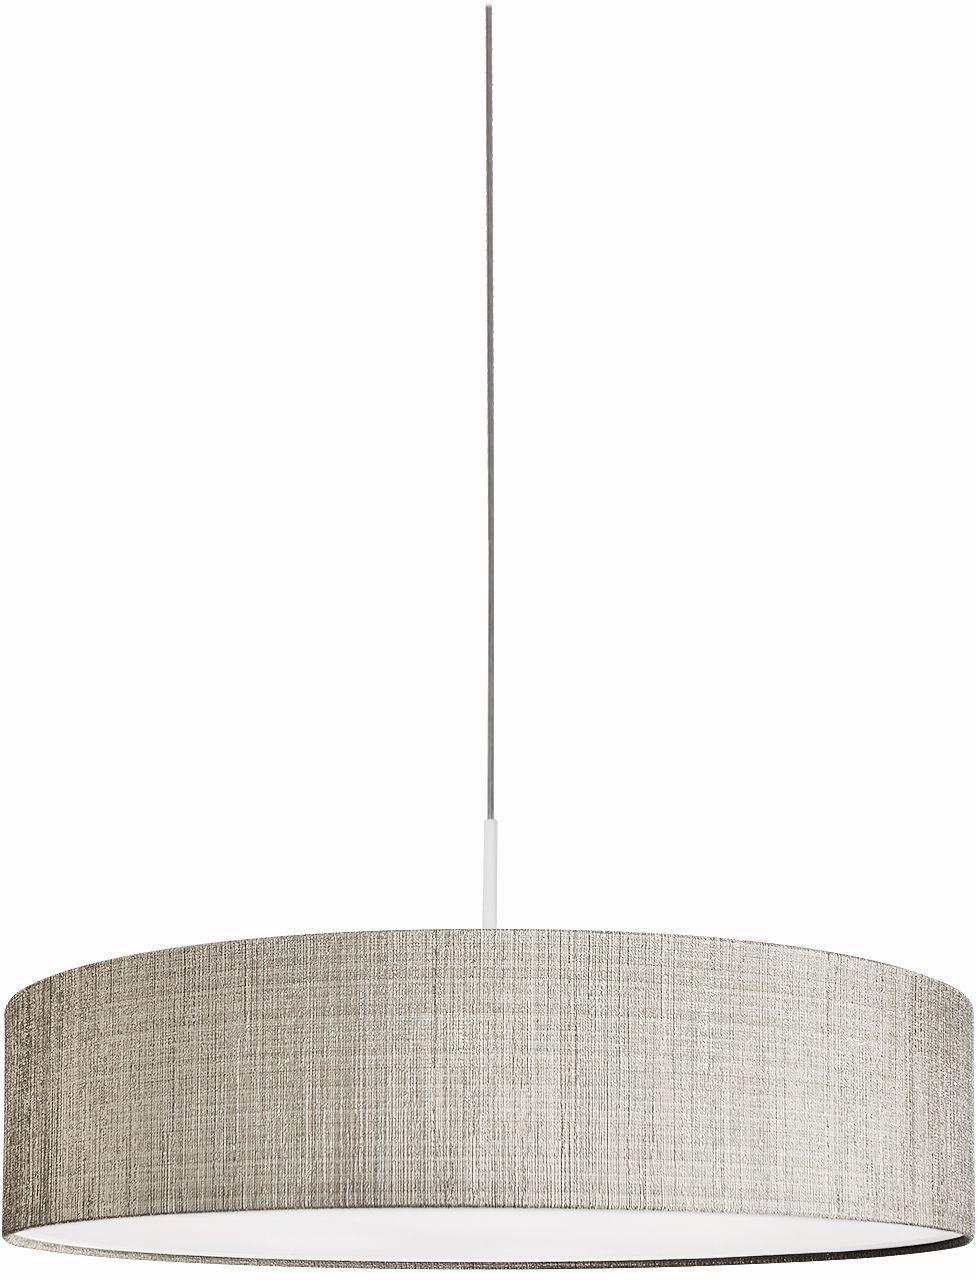 Lampa wisząca Turda 8946 Nowodvorski Lighting minimalistyczna okrągła oprawa w kolorze szarym